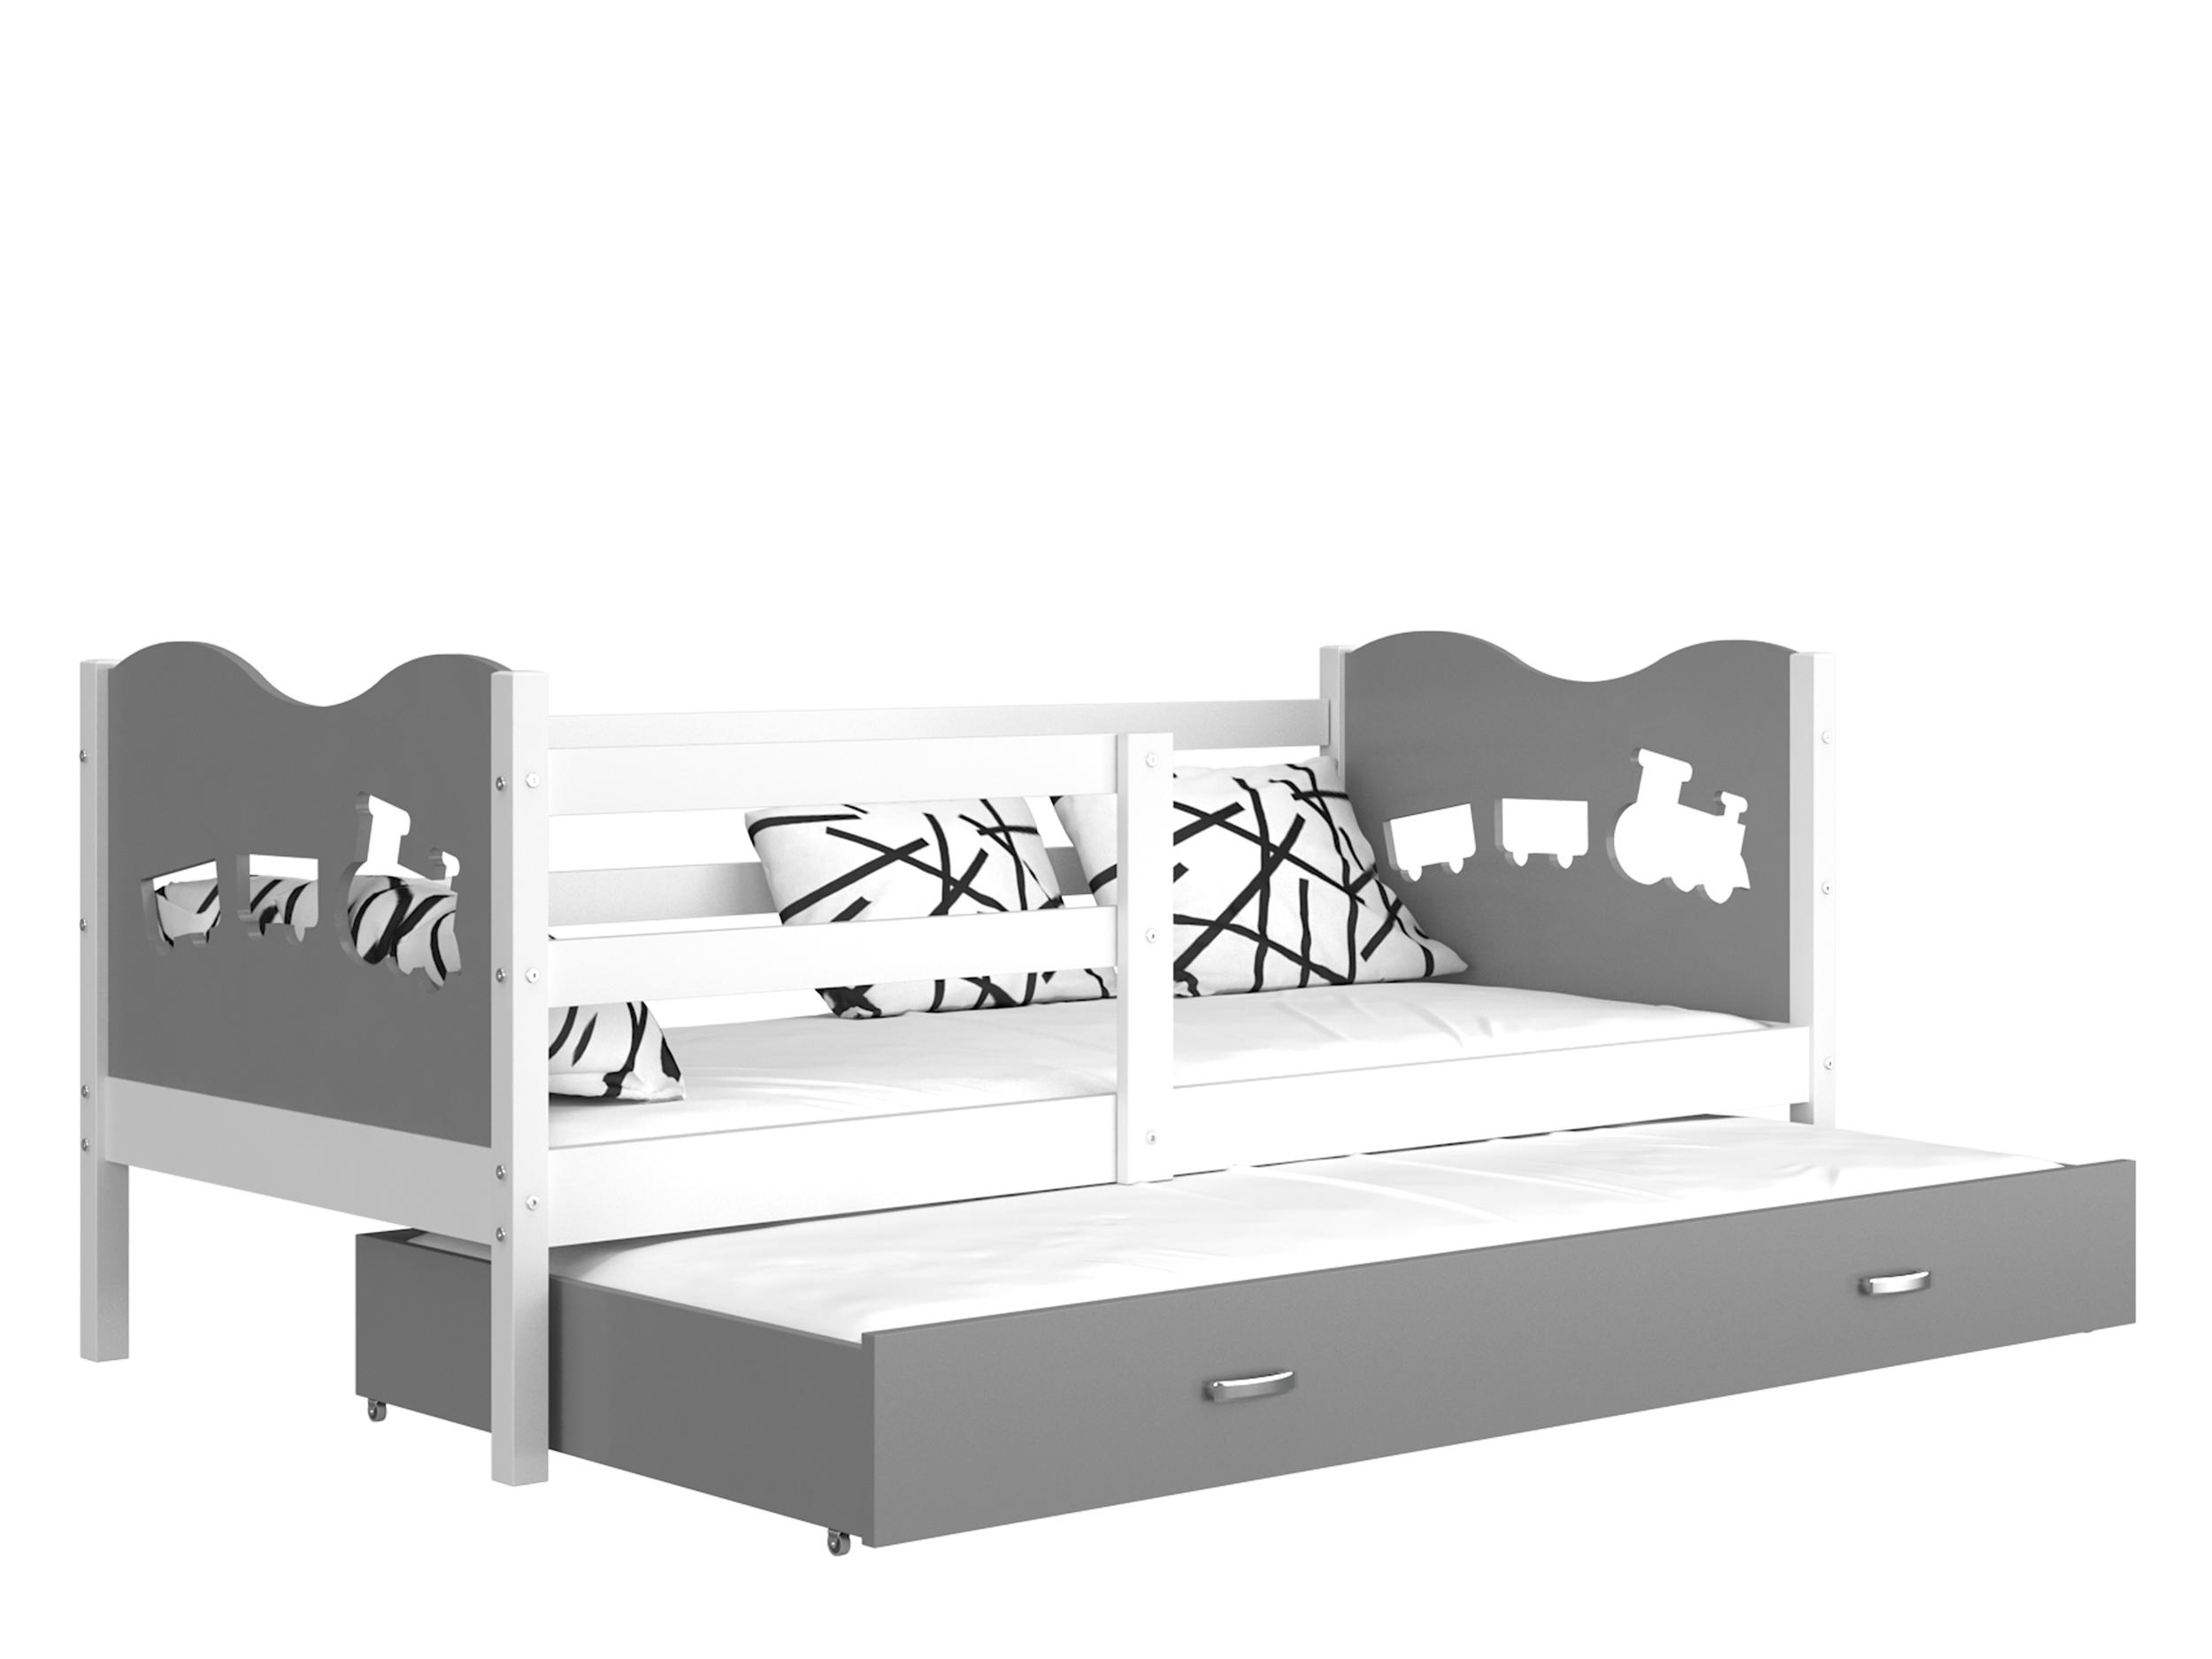 ArtAJ Detská posteľ MAX P2 / MDF 200 x 90 cm Farba: biela / sivá 200 x 90 cm, s matracom